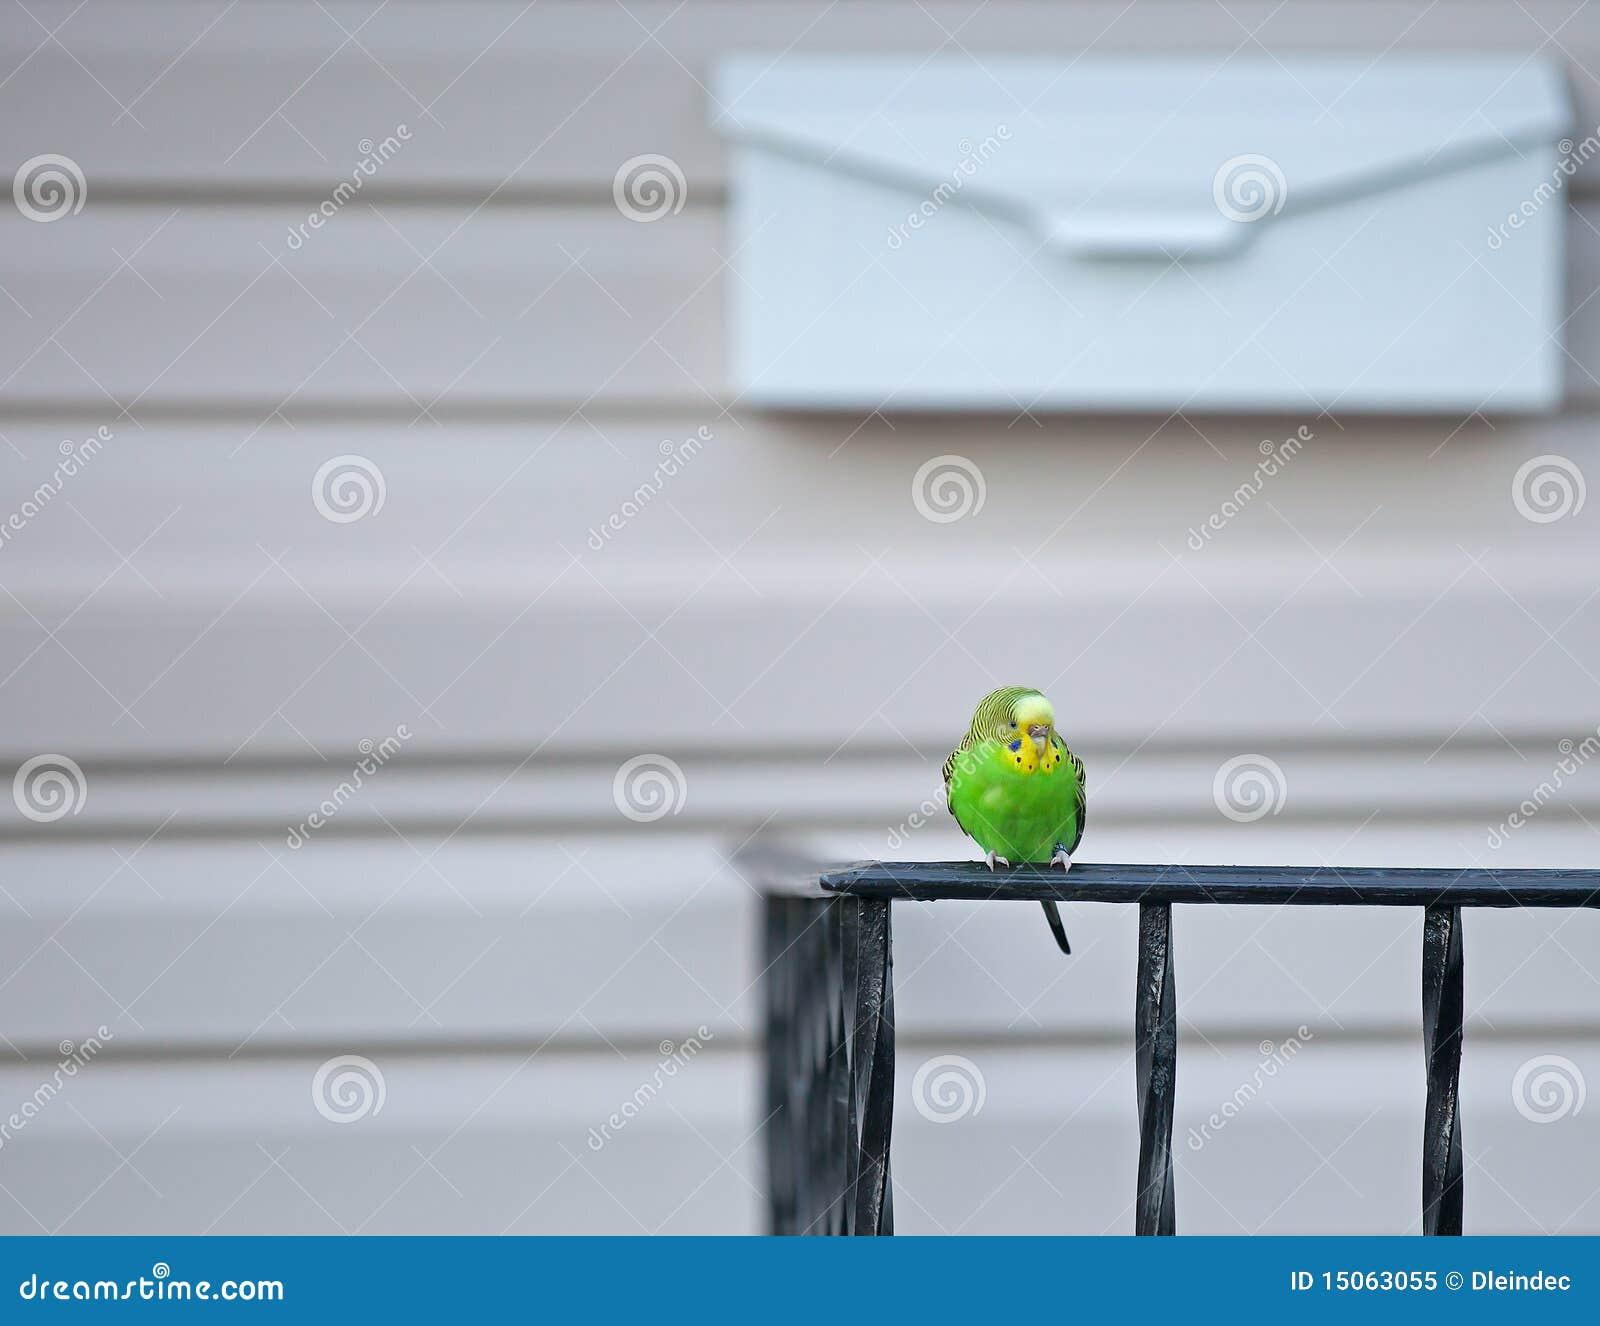 逃脱的长尾小鹦鹉宠物